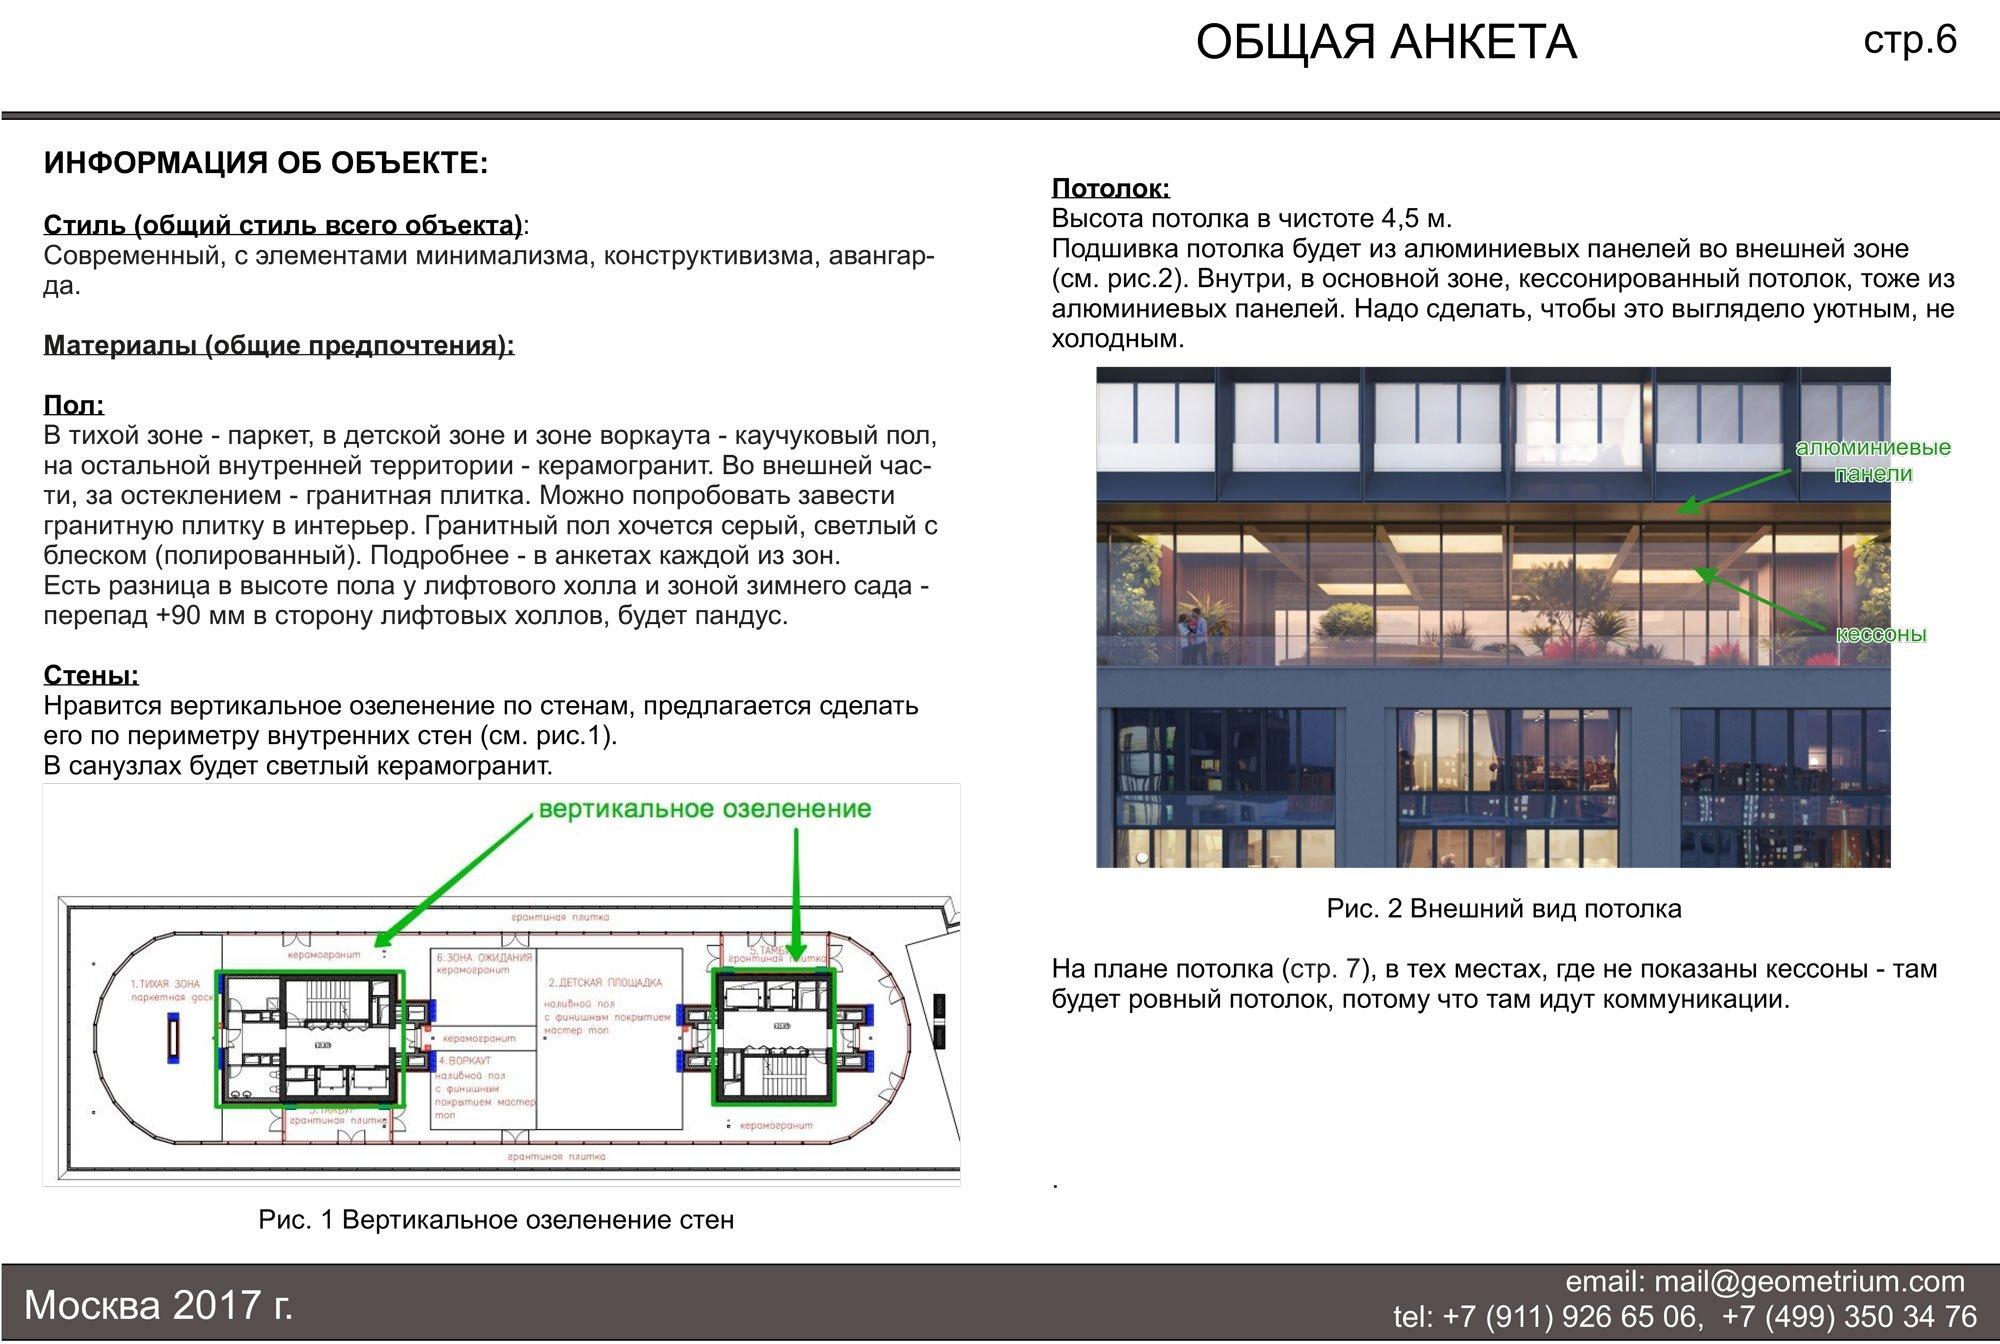 Дизайн интерьера Дизайн интерьера, Квартир, Домов в Крыму